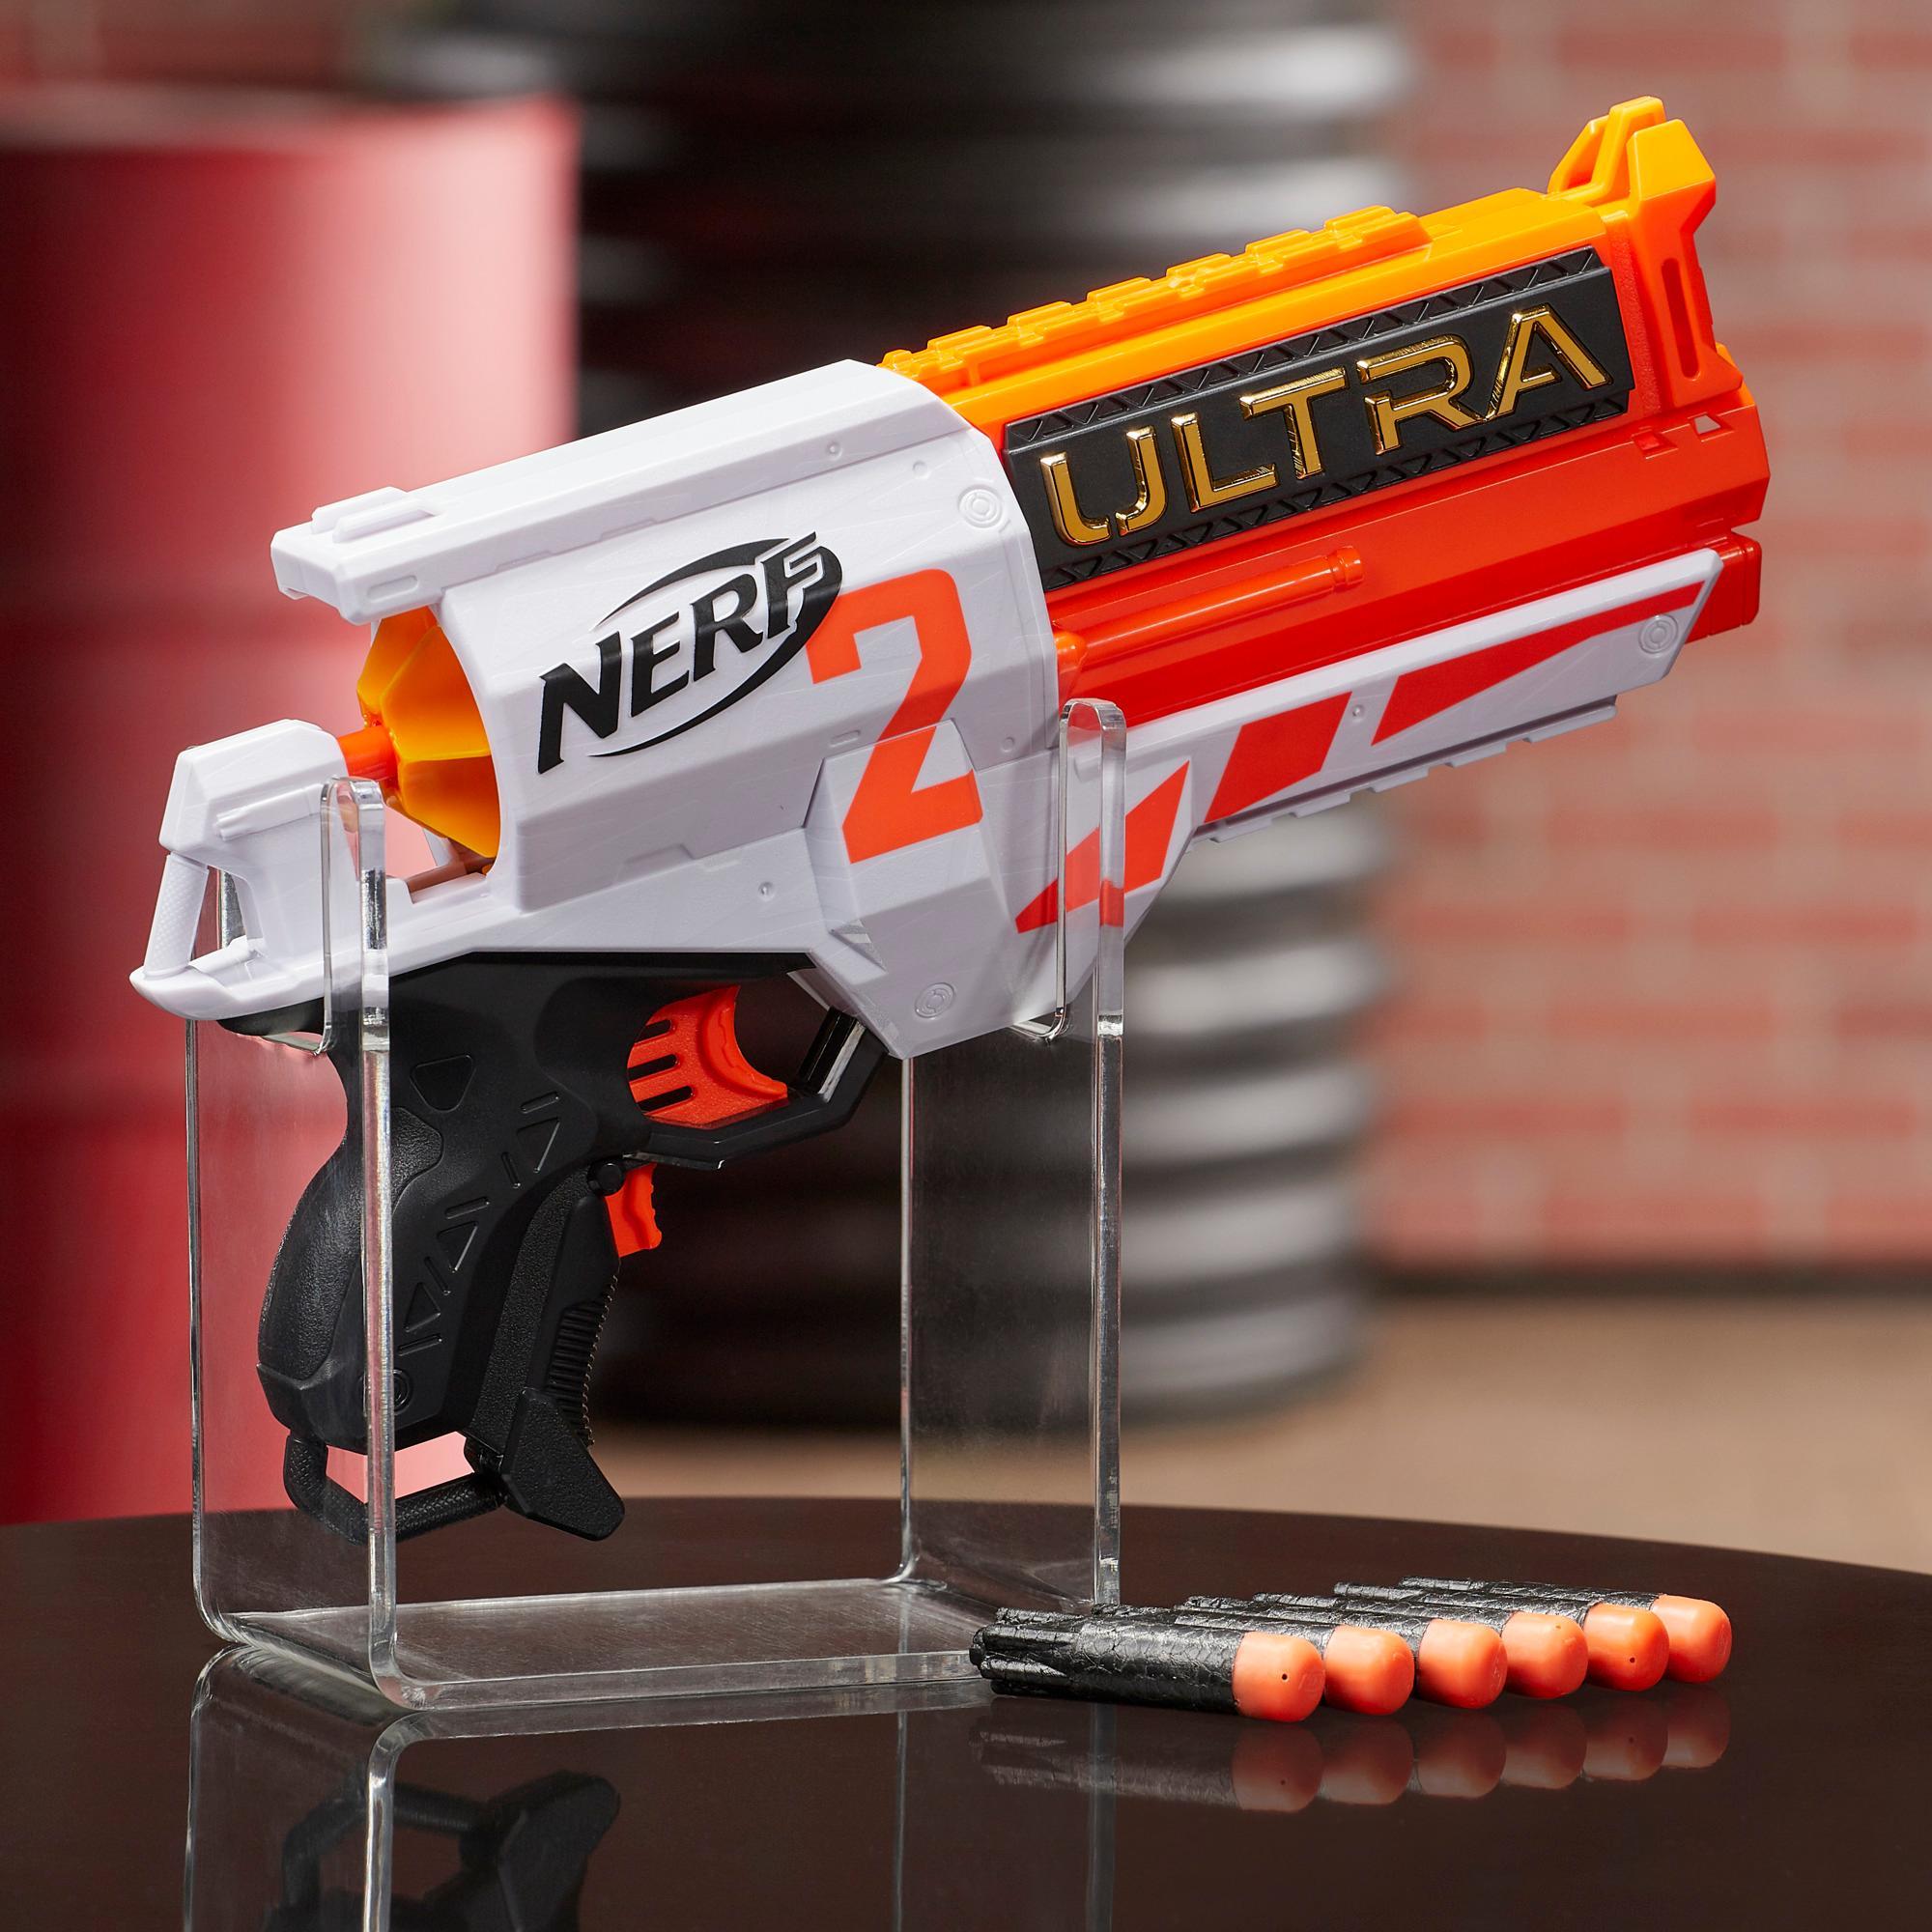 Moottoroitu Nerf Ultra Two -blasteri – Nopea lataus takaa, mukana 6 Nerf Ultra -nuolta – Yhteensopiva vain Nerf Ultra One -nuolten kanssa